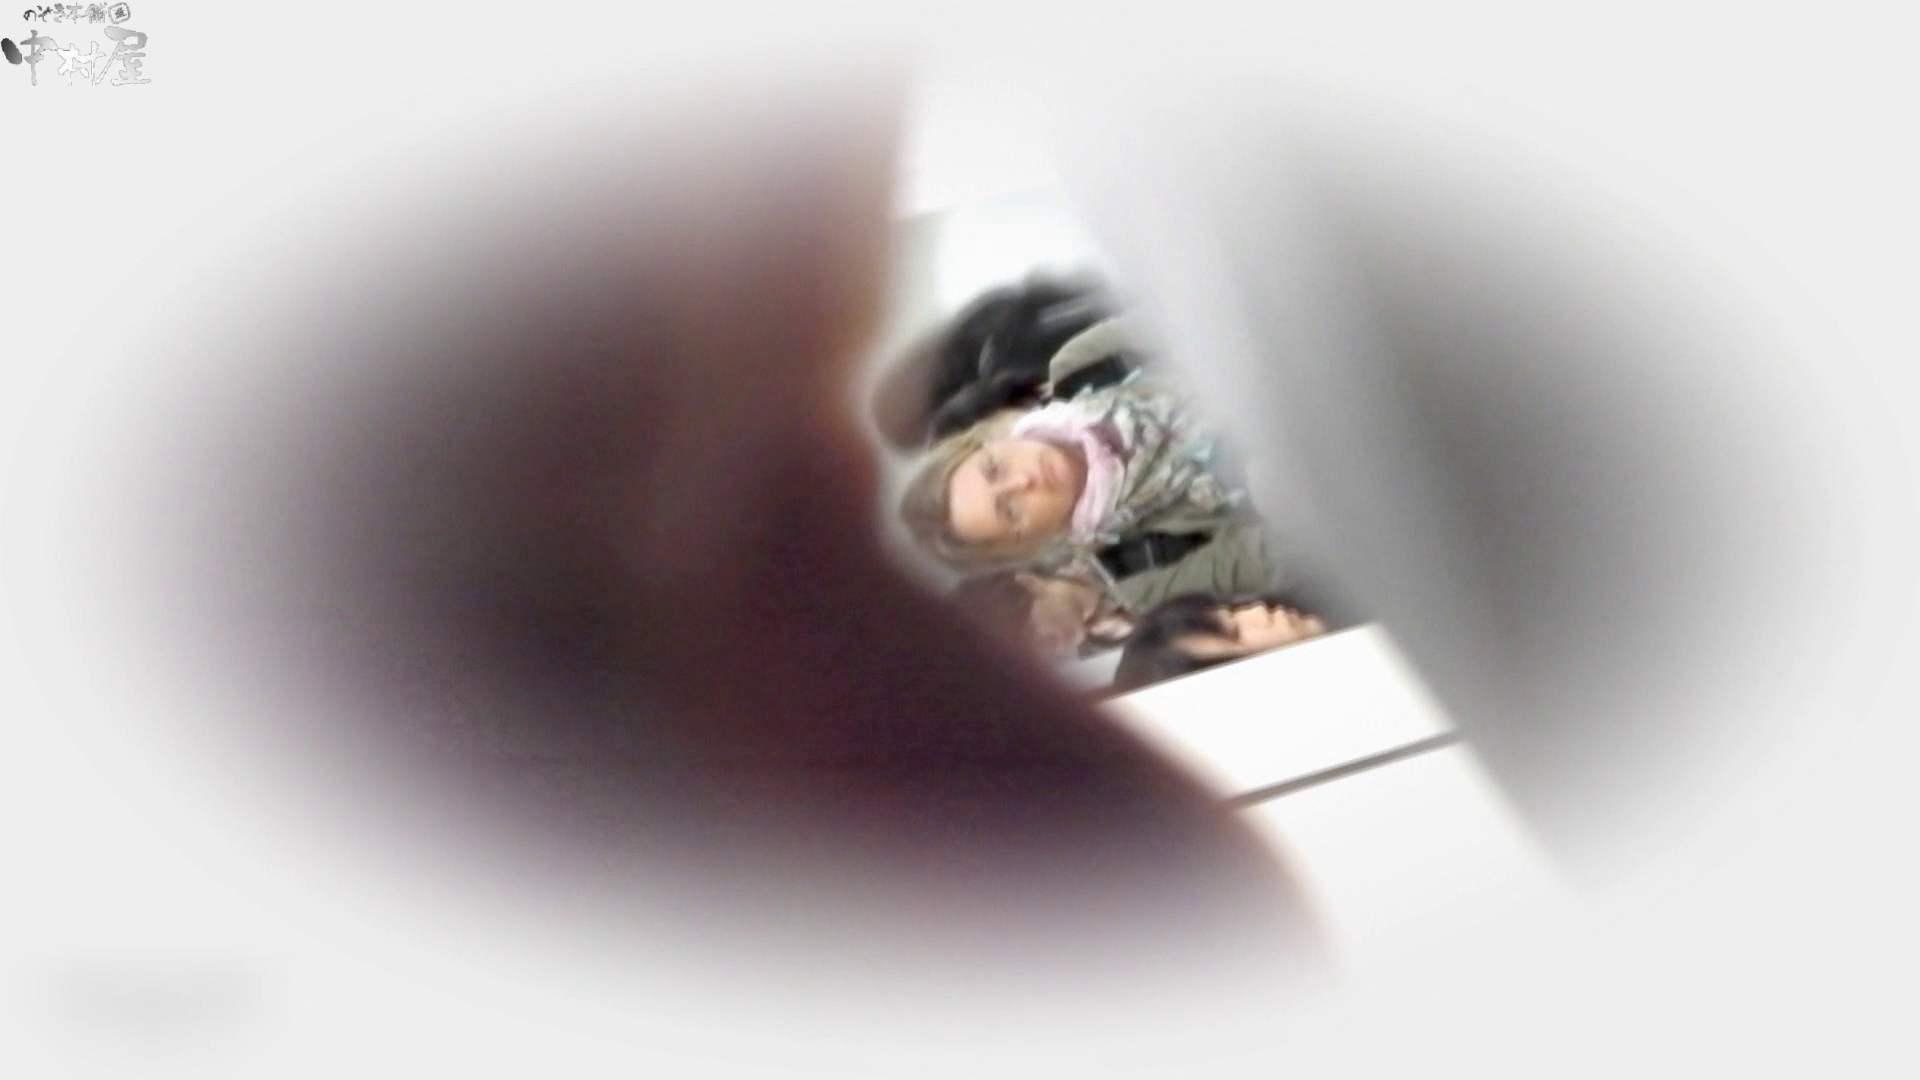 お市さんの「お尻丸出しジャンボリー」No.09 ギャルの放尿 盗み撮り動画キャプチャ 85連発 75